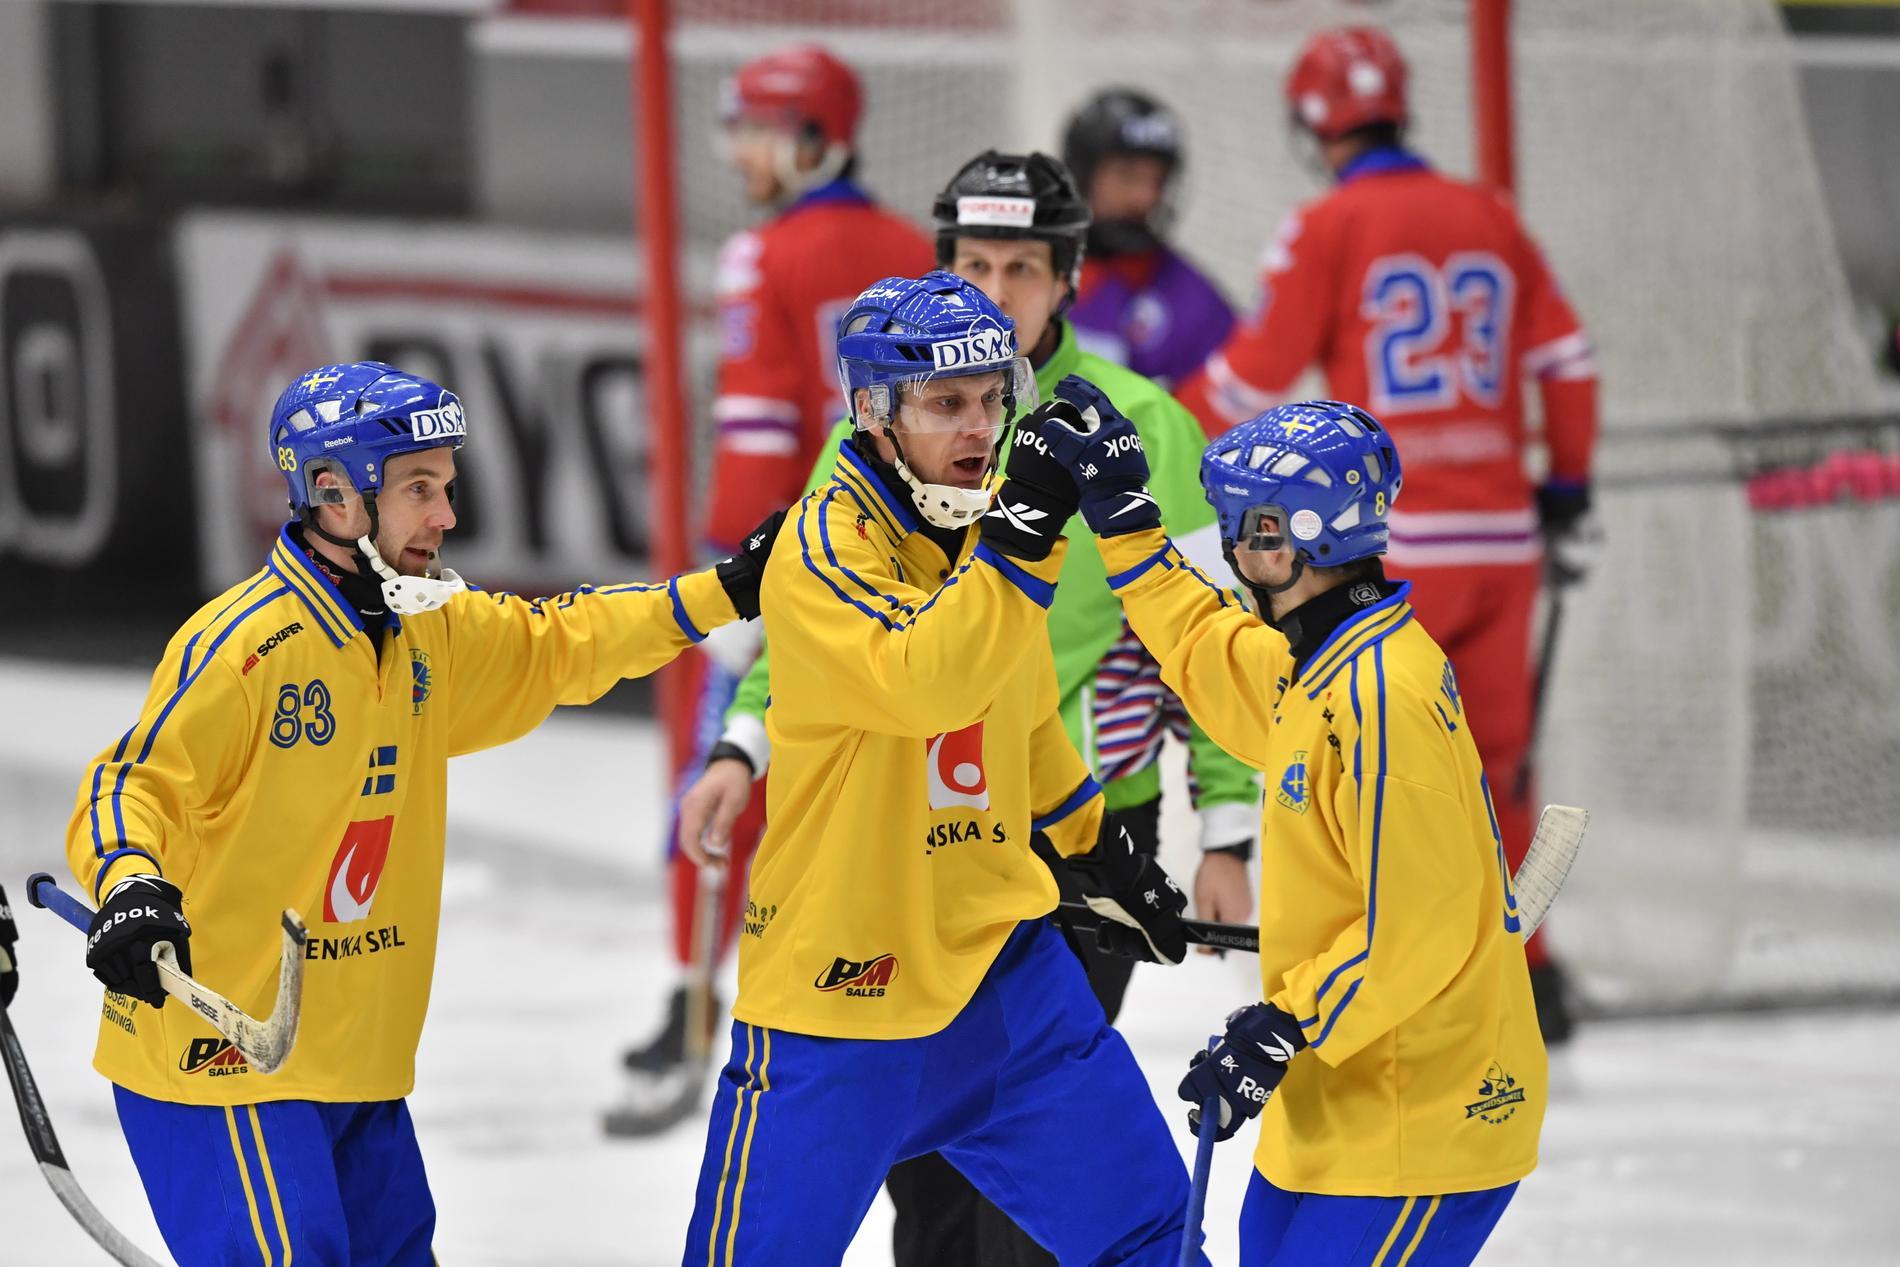 Sverige är regerande världsmästare i bandy